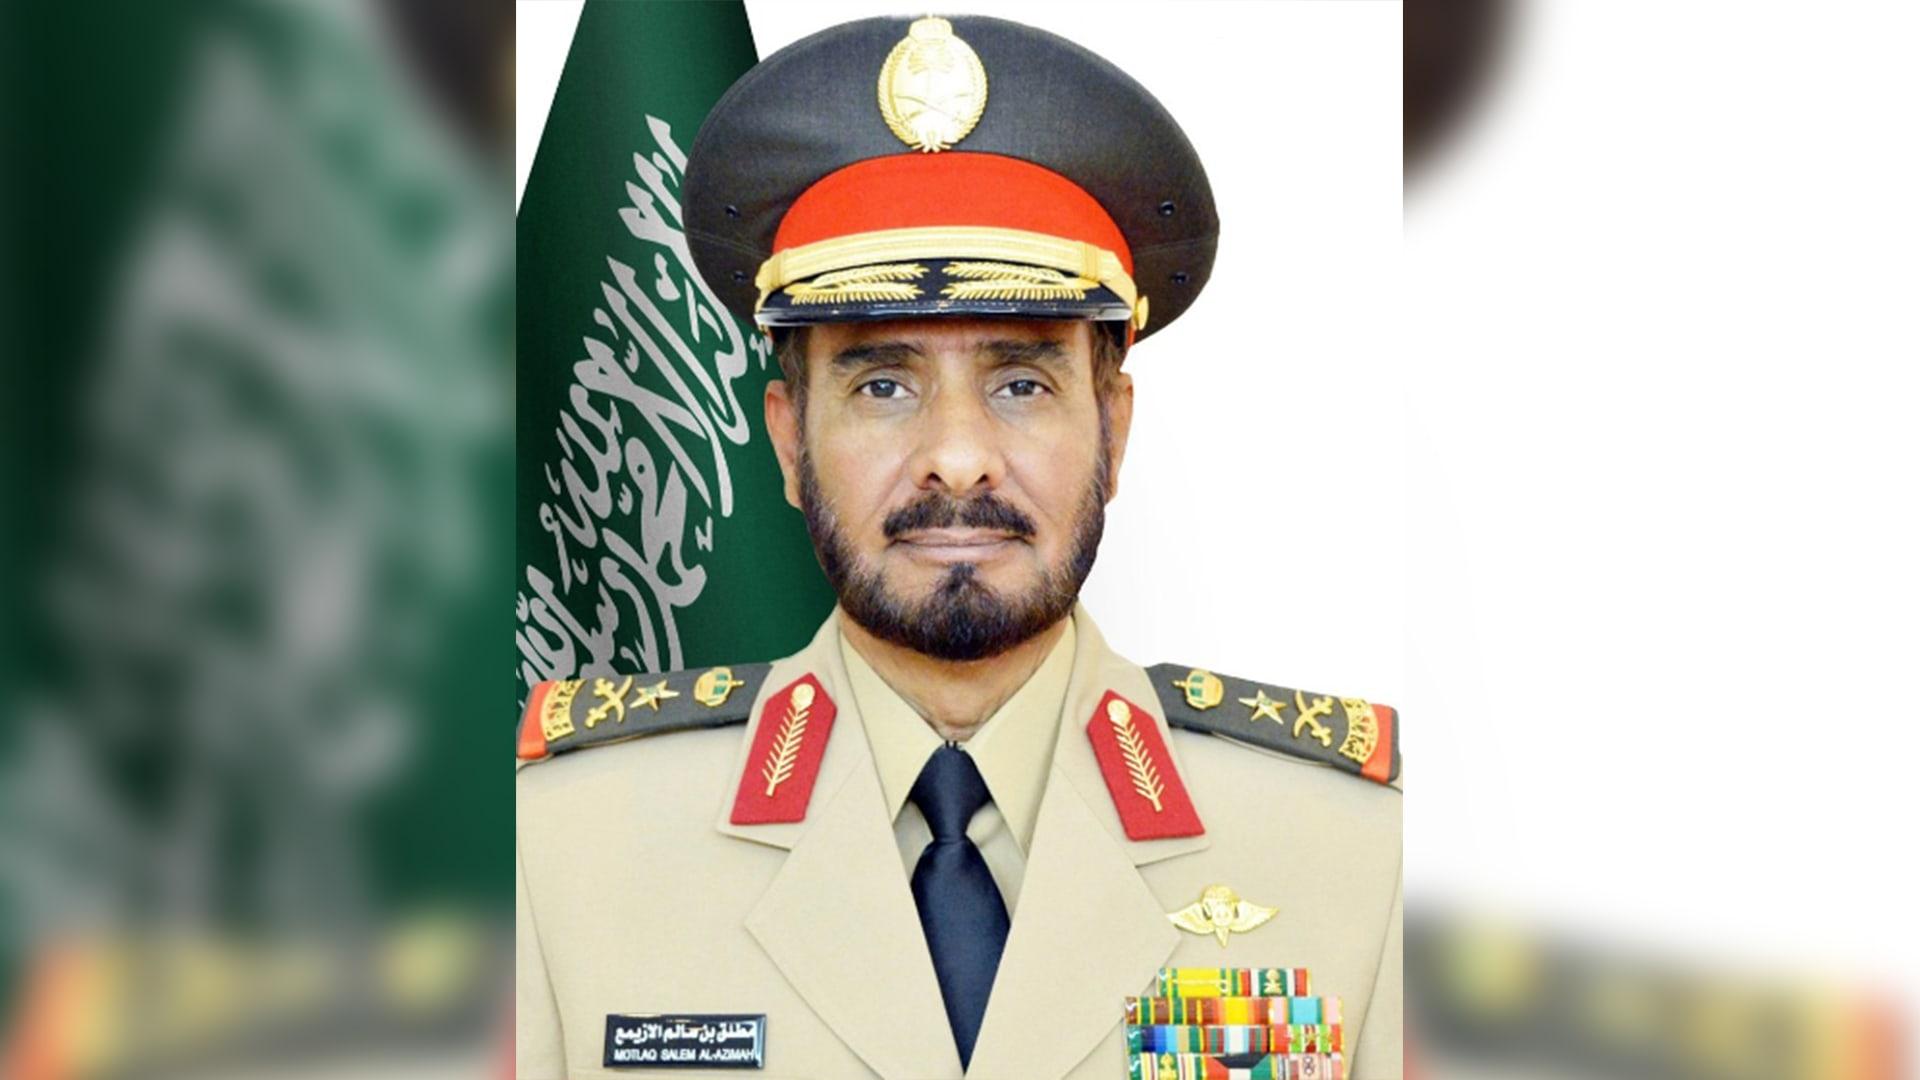 الفريق مطلق الازيمع قائد القوات المشتركة في الجيش السعودي